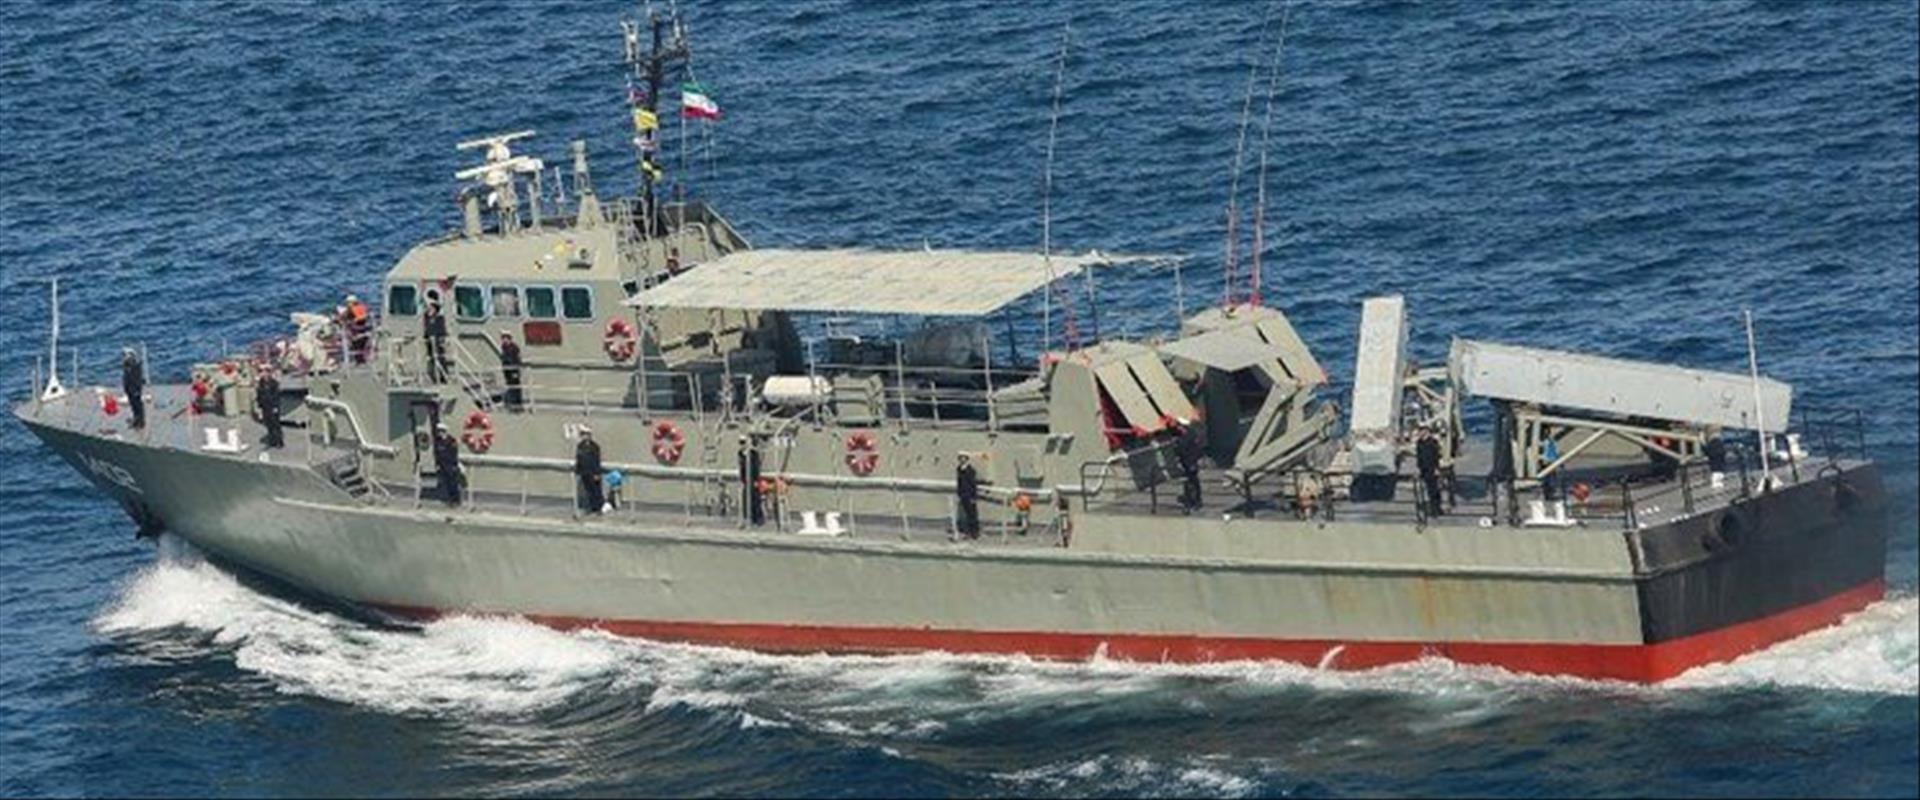 """אוניית המלחמה האיראנית """"קונראק"""" שנפגעה"""